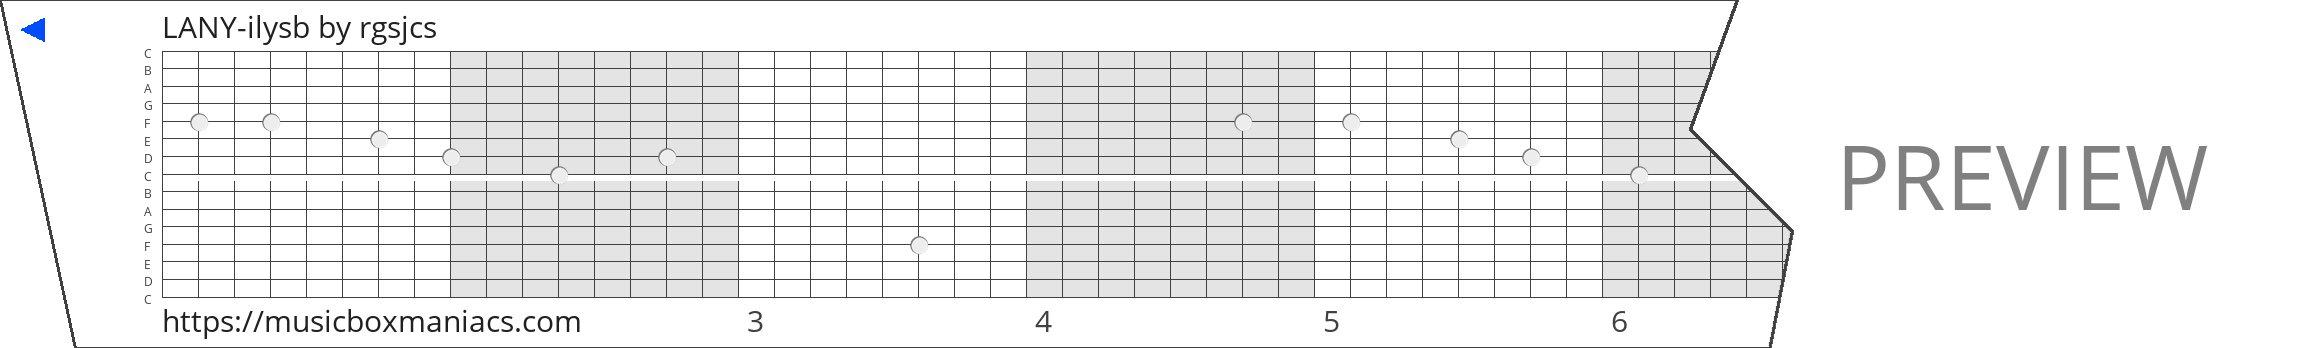 LANY-ilysb 15 note music box paper strip